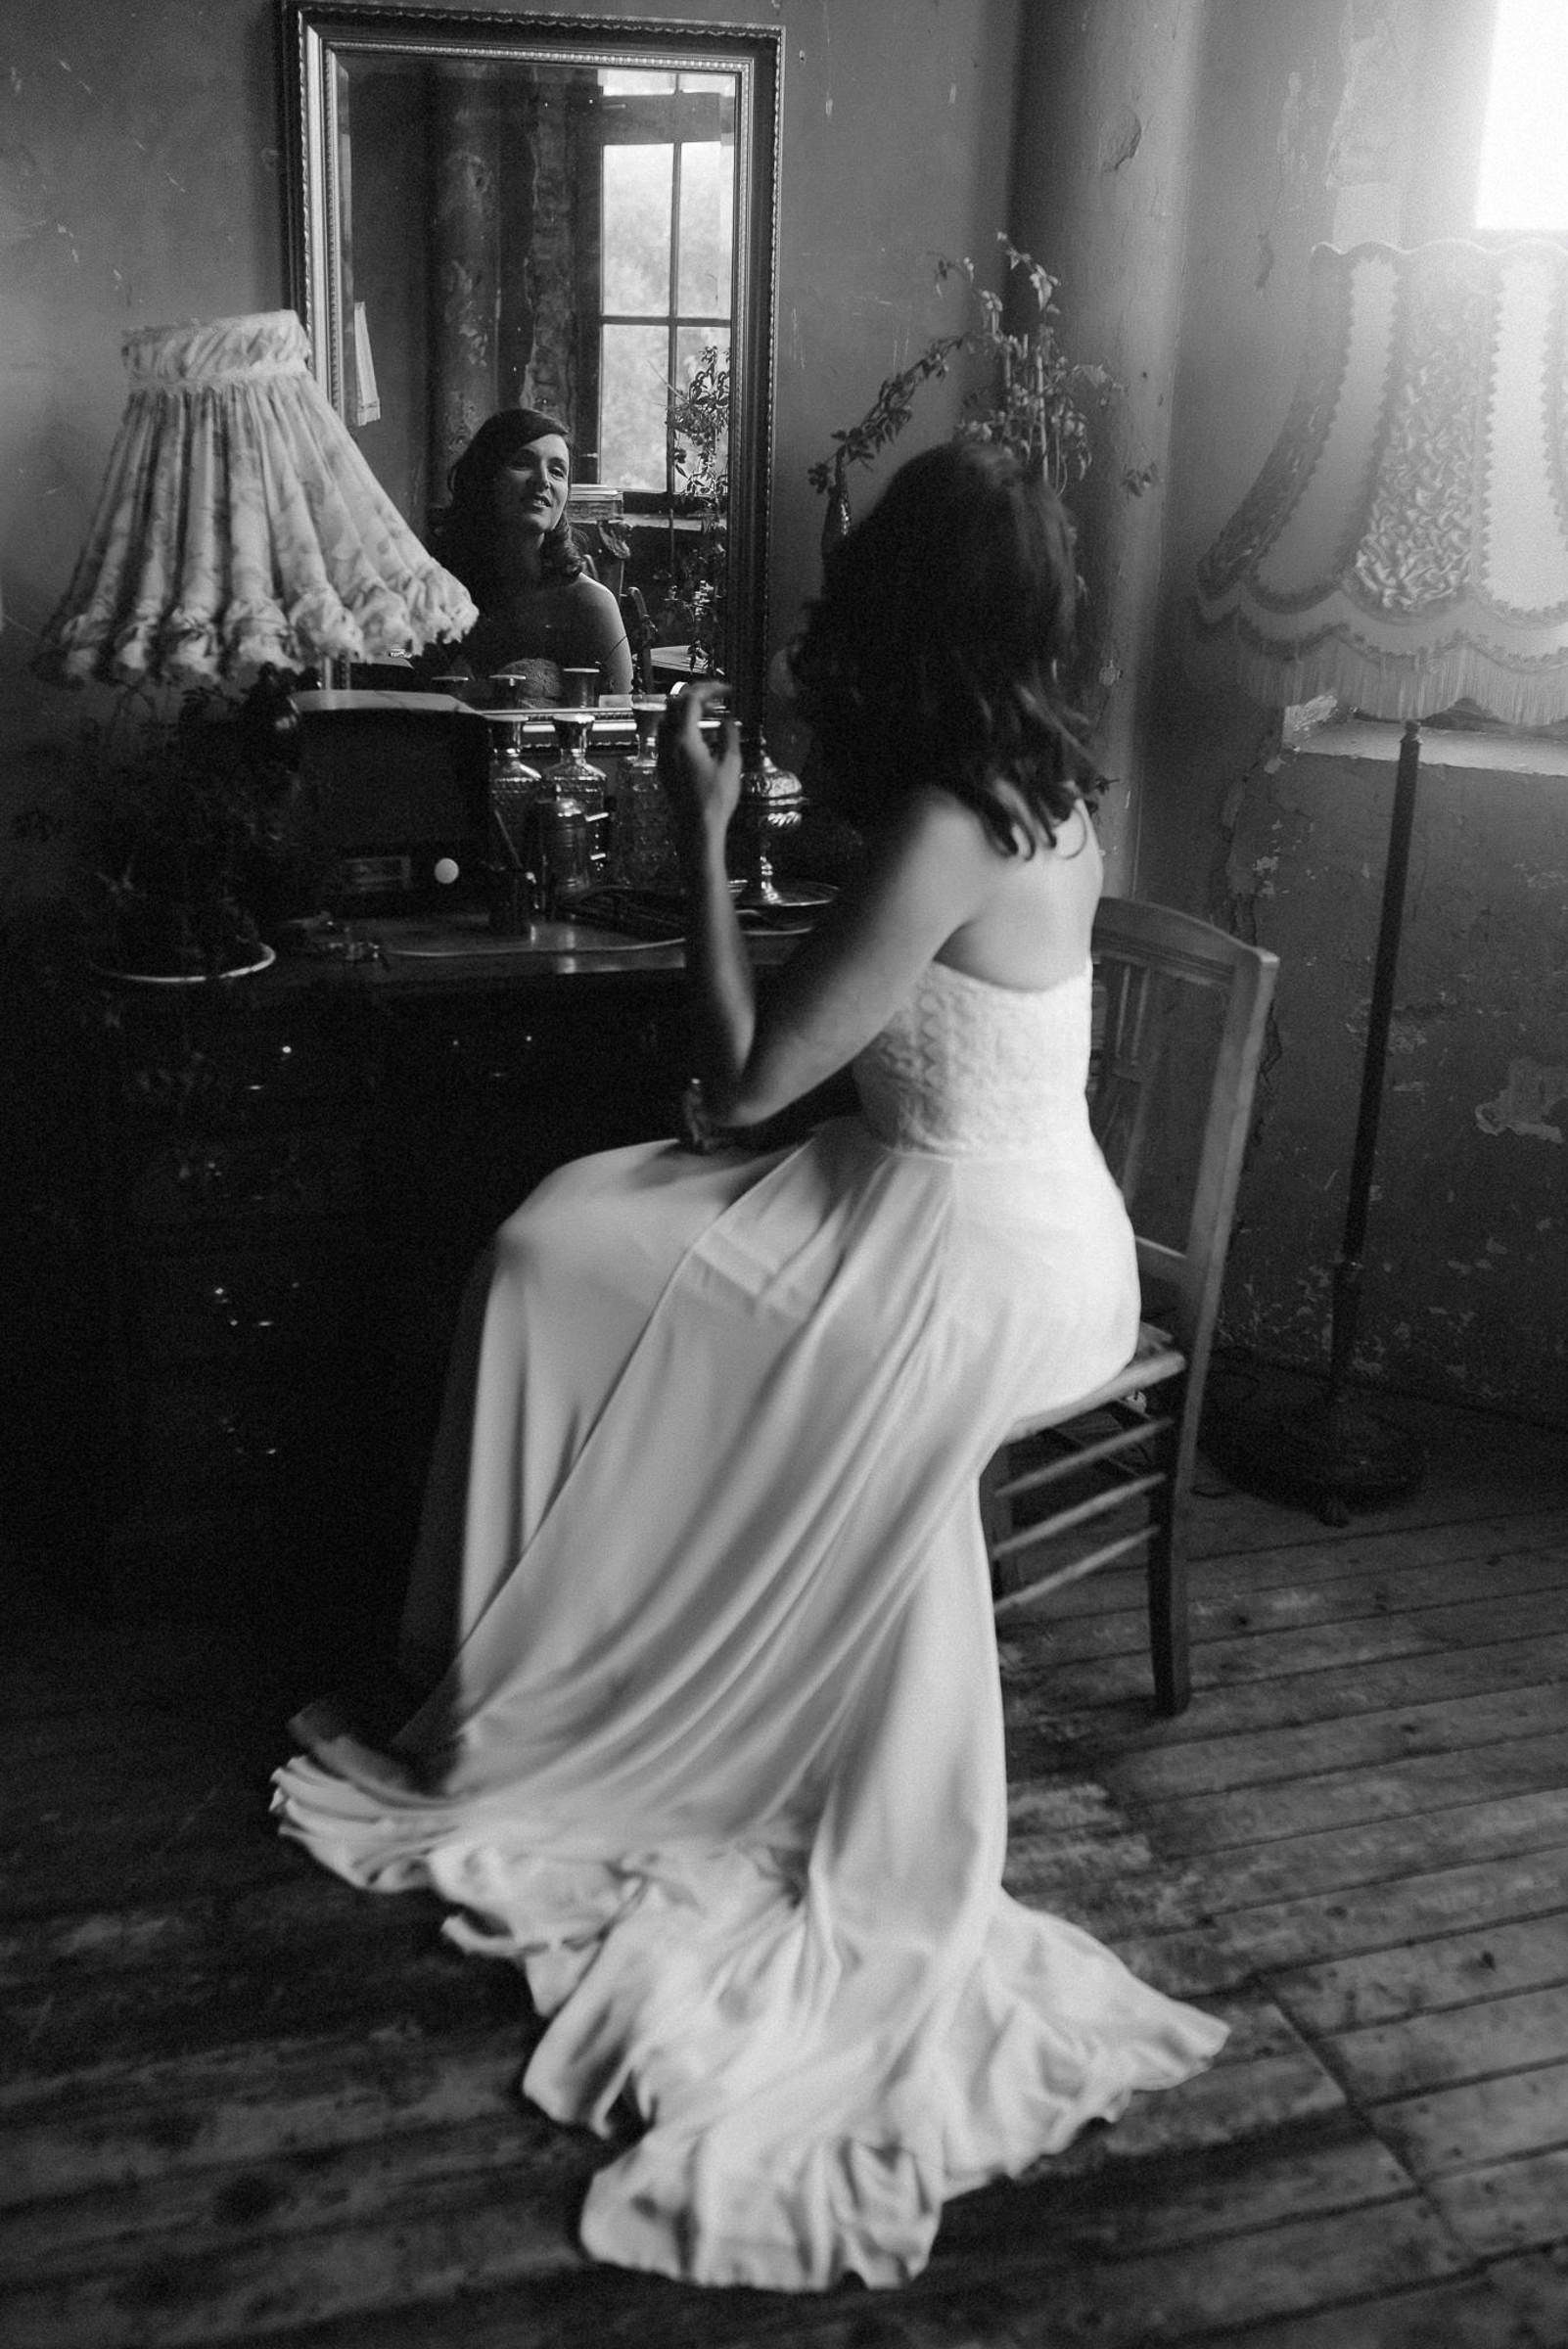 Reflected bride getting ready - photo by Naomi van der Kraan